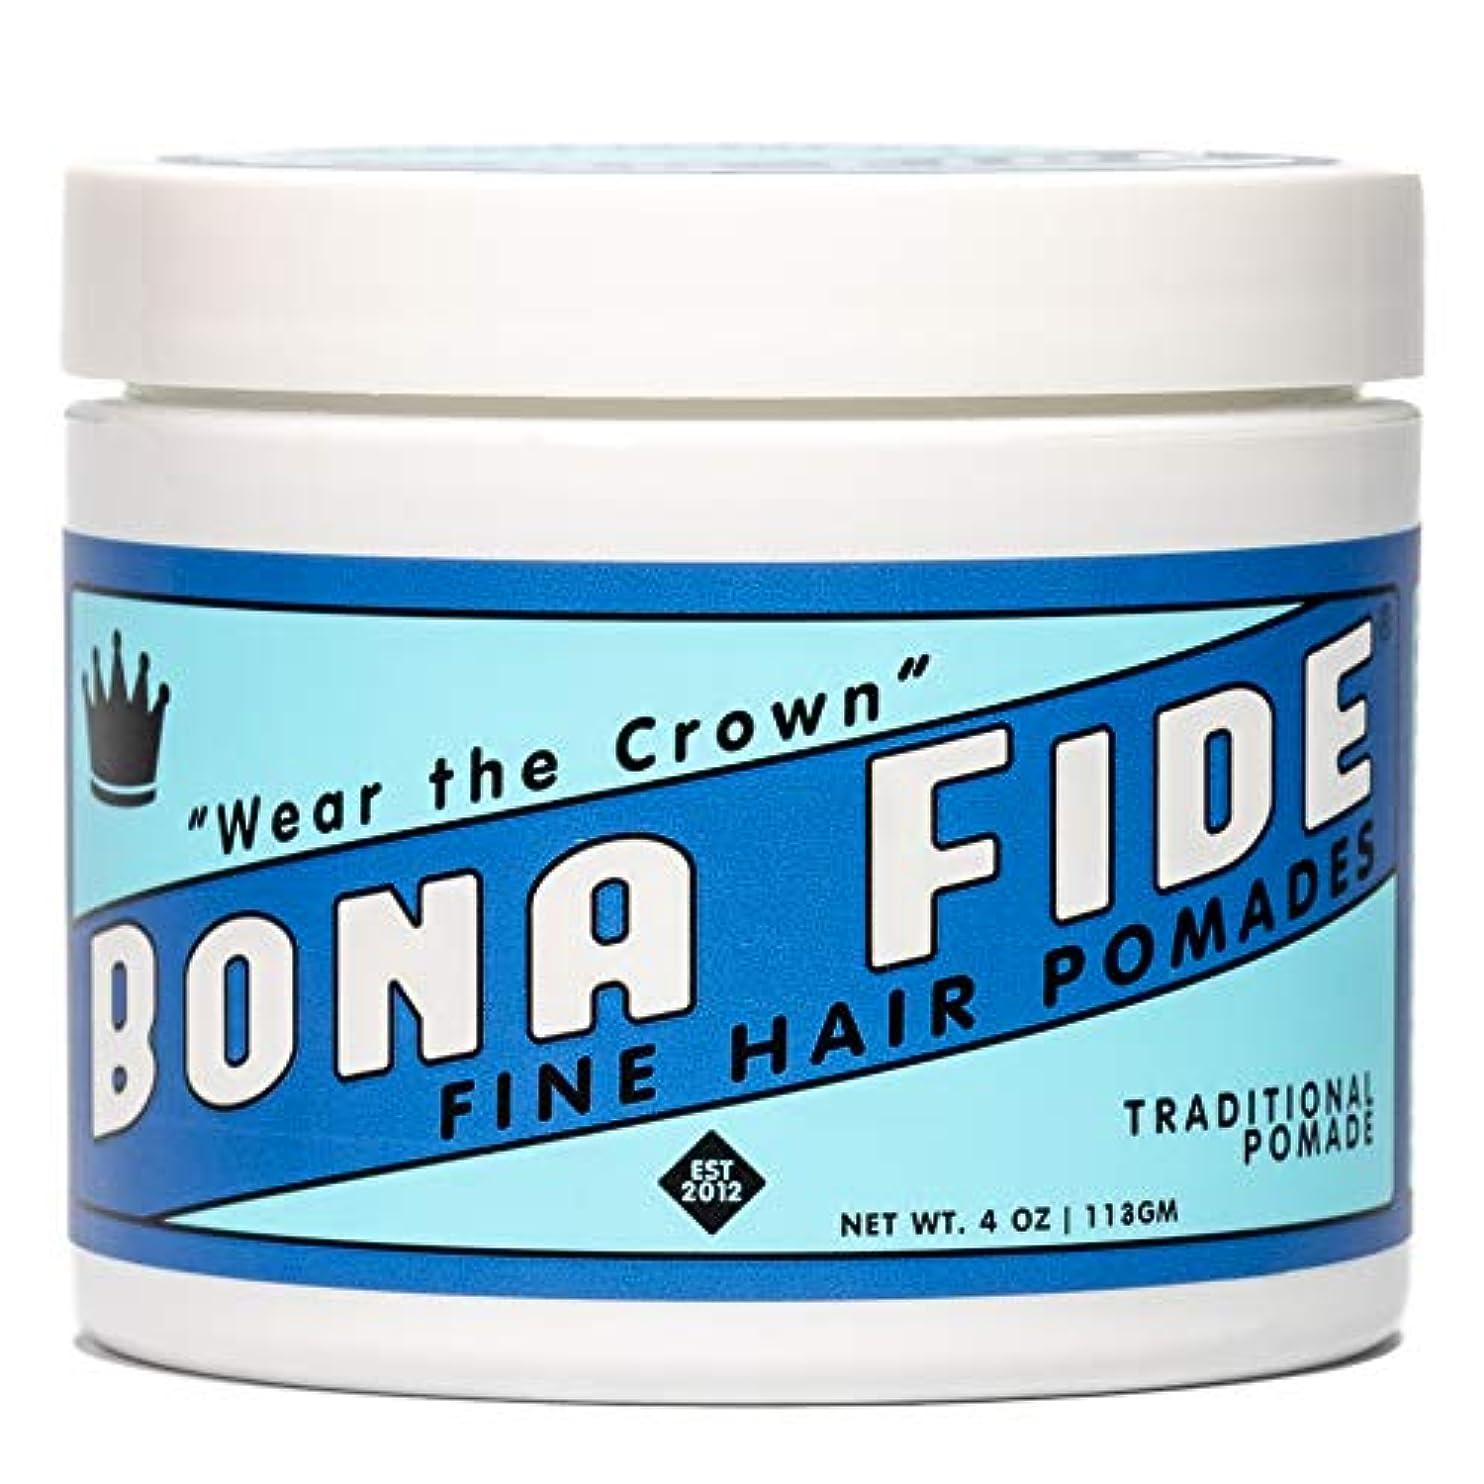 カセット靴メナジェリーBona Fide Pomade, トラディショナルポマード, TRADITIONAL POMADE, 4oz (113g)、オイルベースポマード (整髪料/ヘアー スタイリング剤)